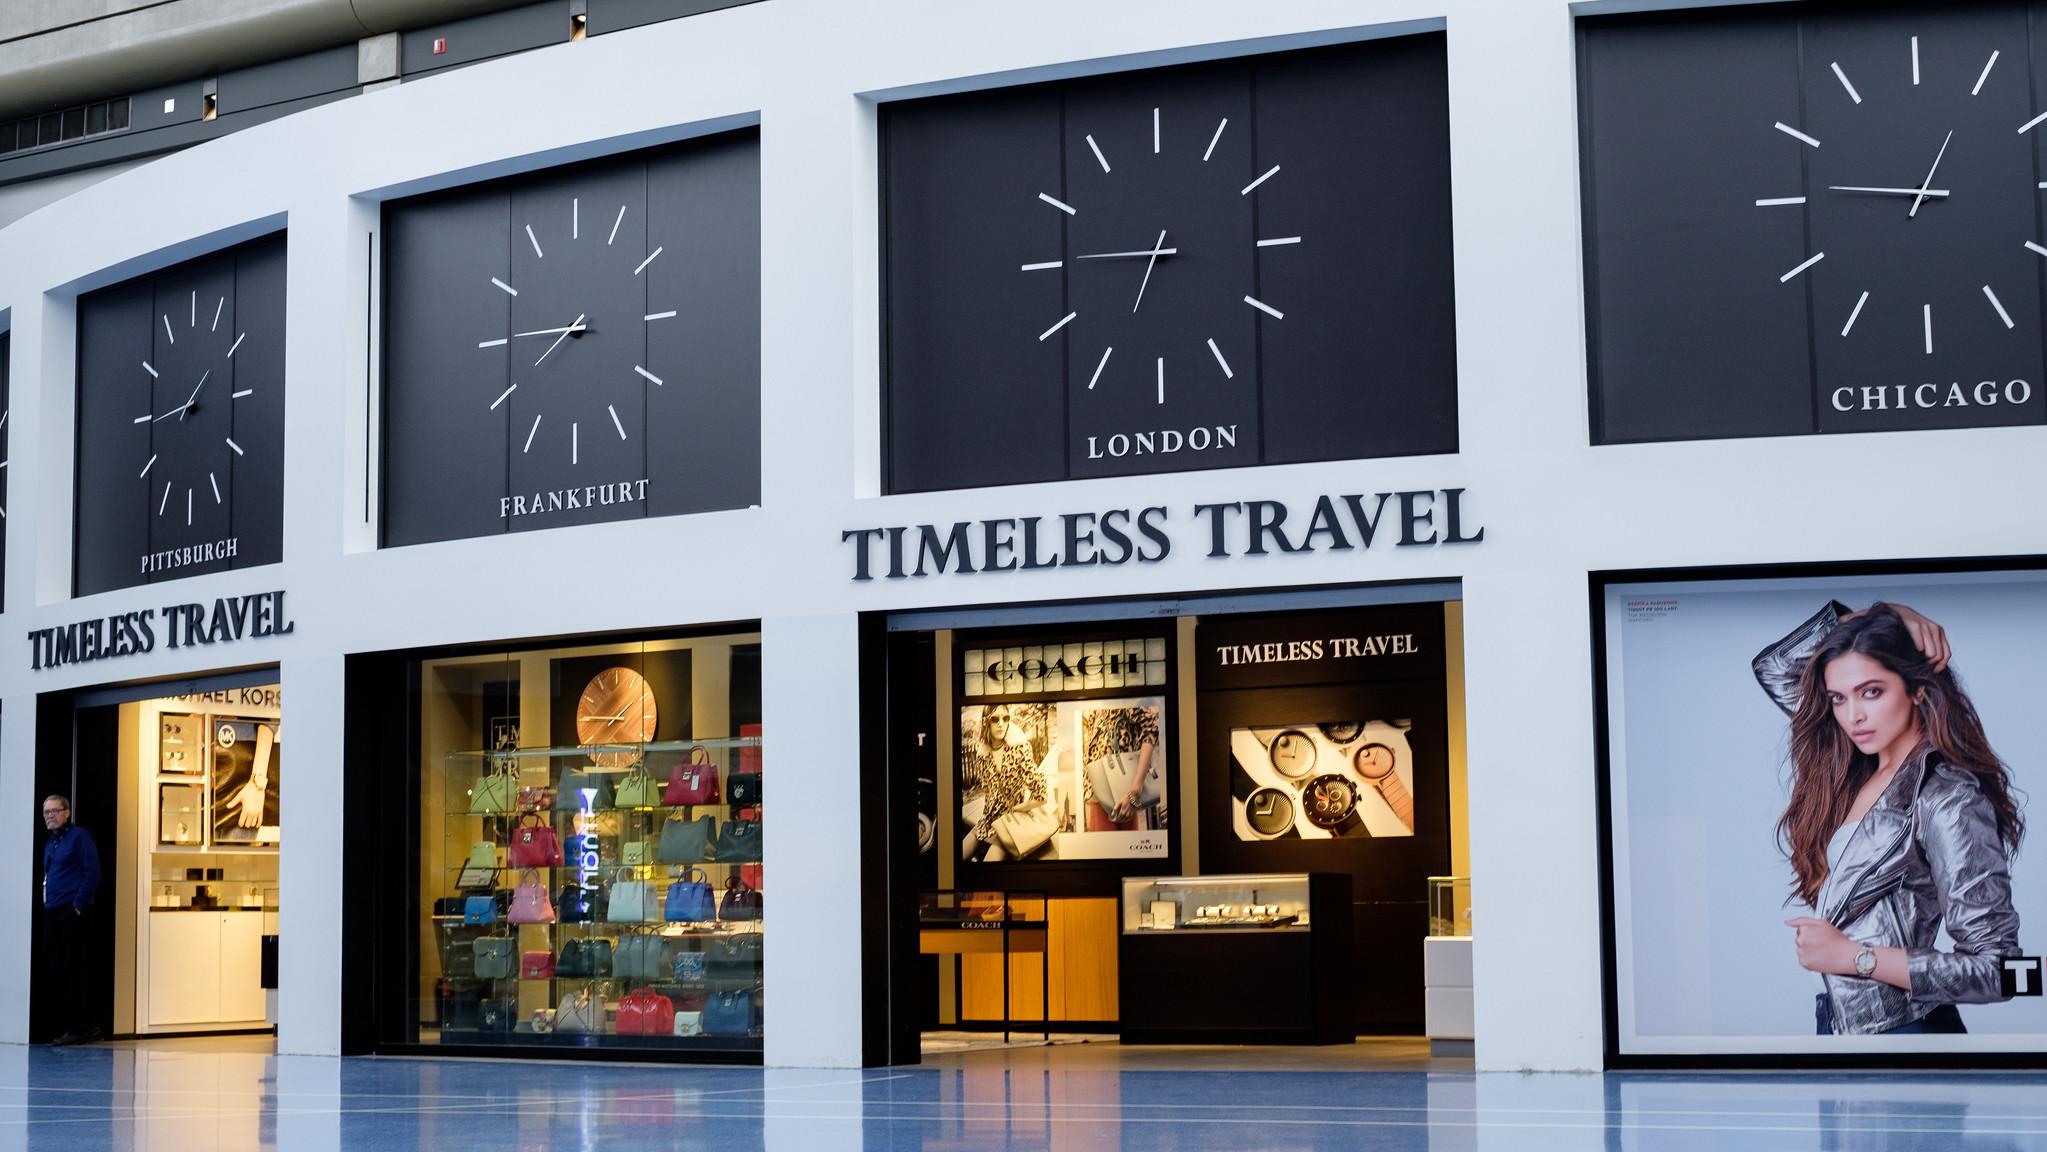 Timeless Travel